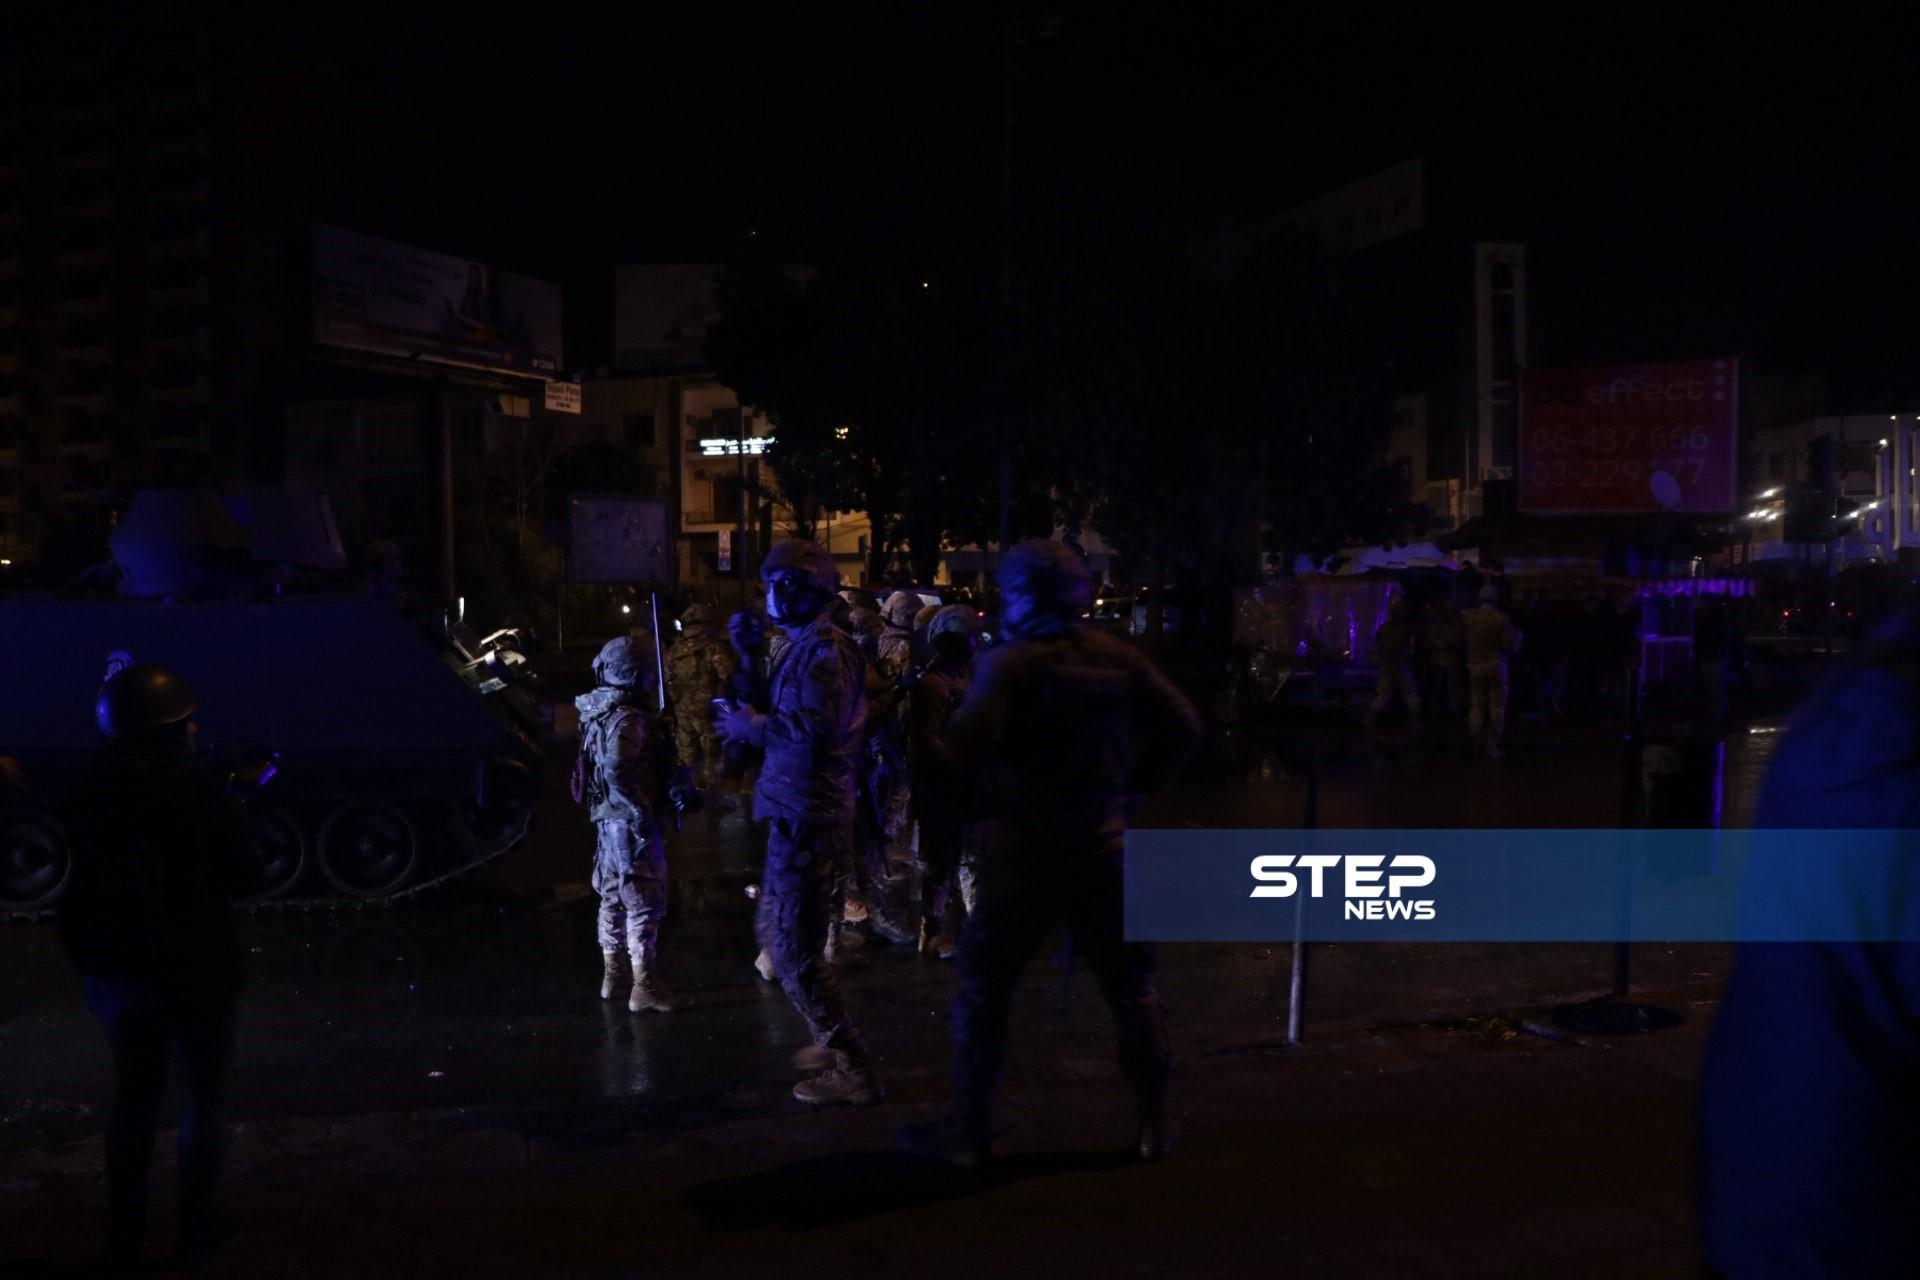 احتجاجات طرابس.. ميقاتي يهدد بالسلاح والحريري ينتقد الجيش وعون يتوعّد